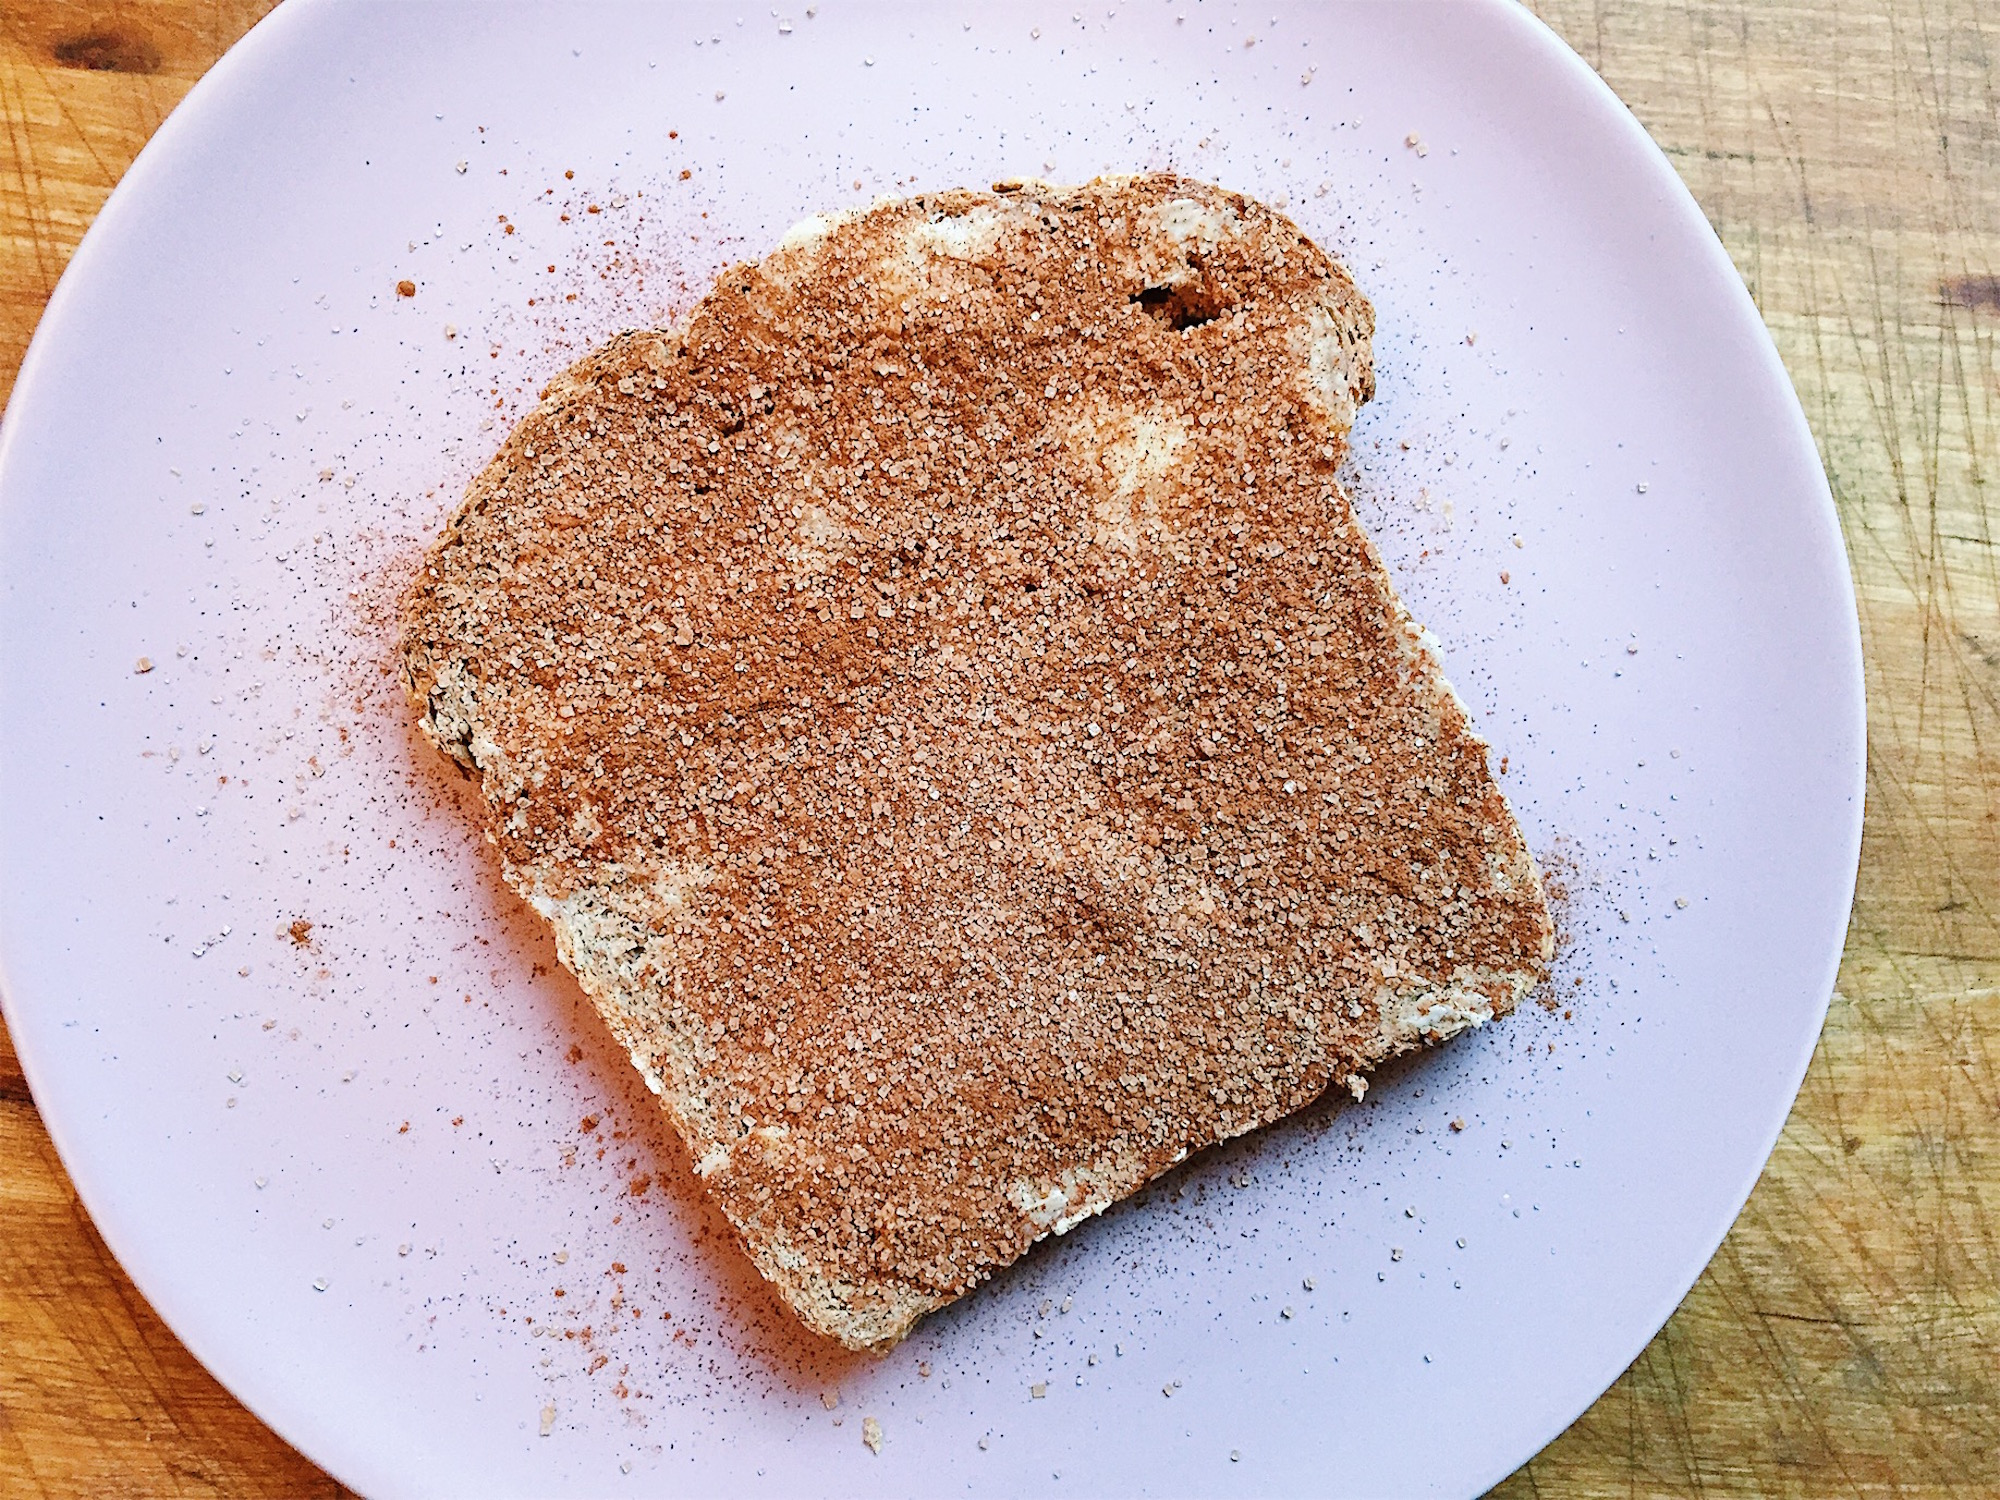 cinnamon-toast-dusted.jpeg